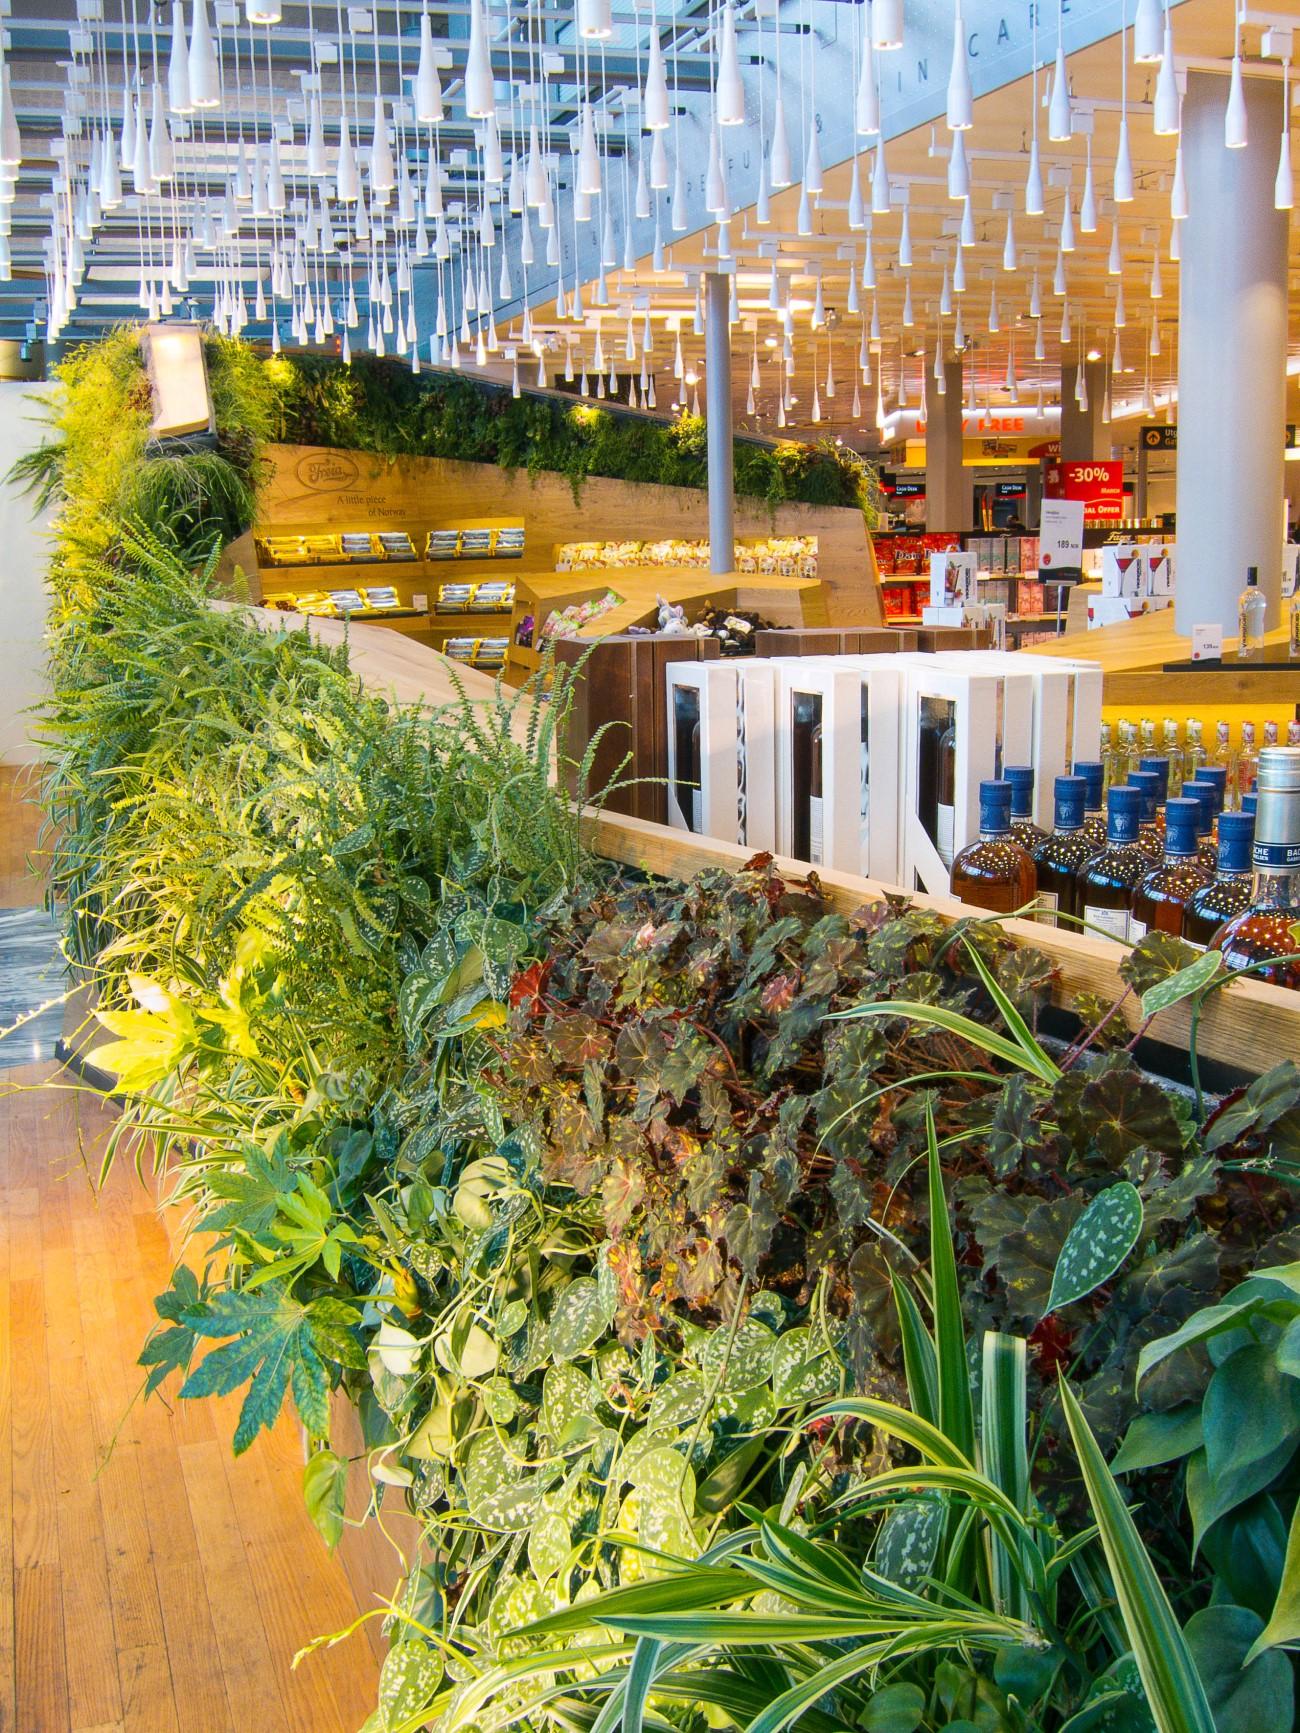 Verticale plantenwand als inrichting van winkel